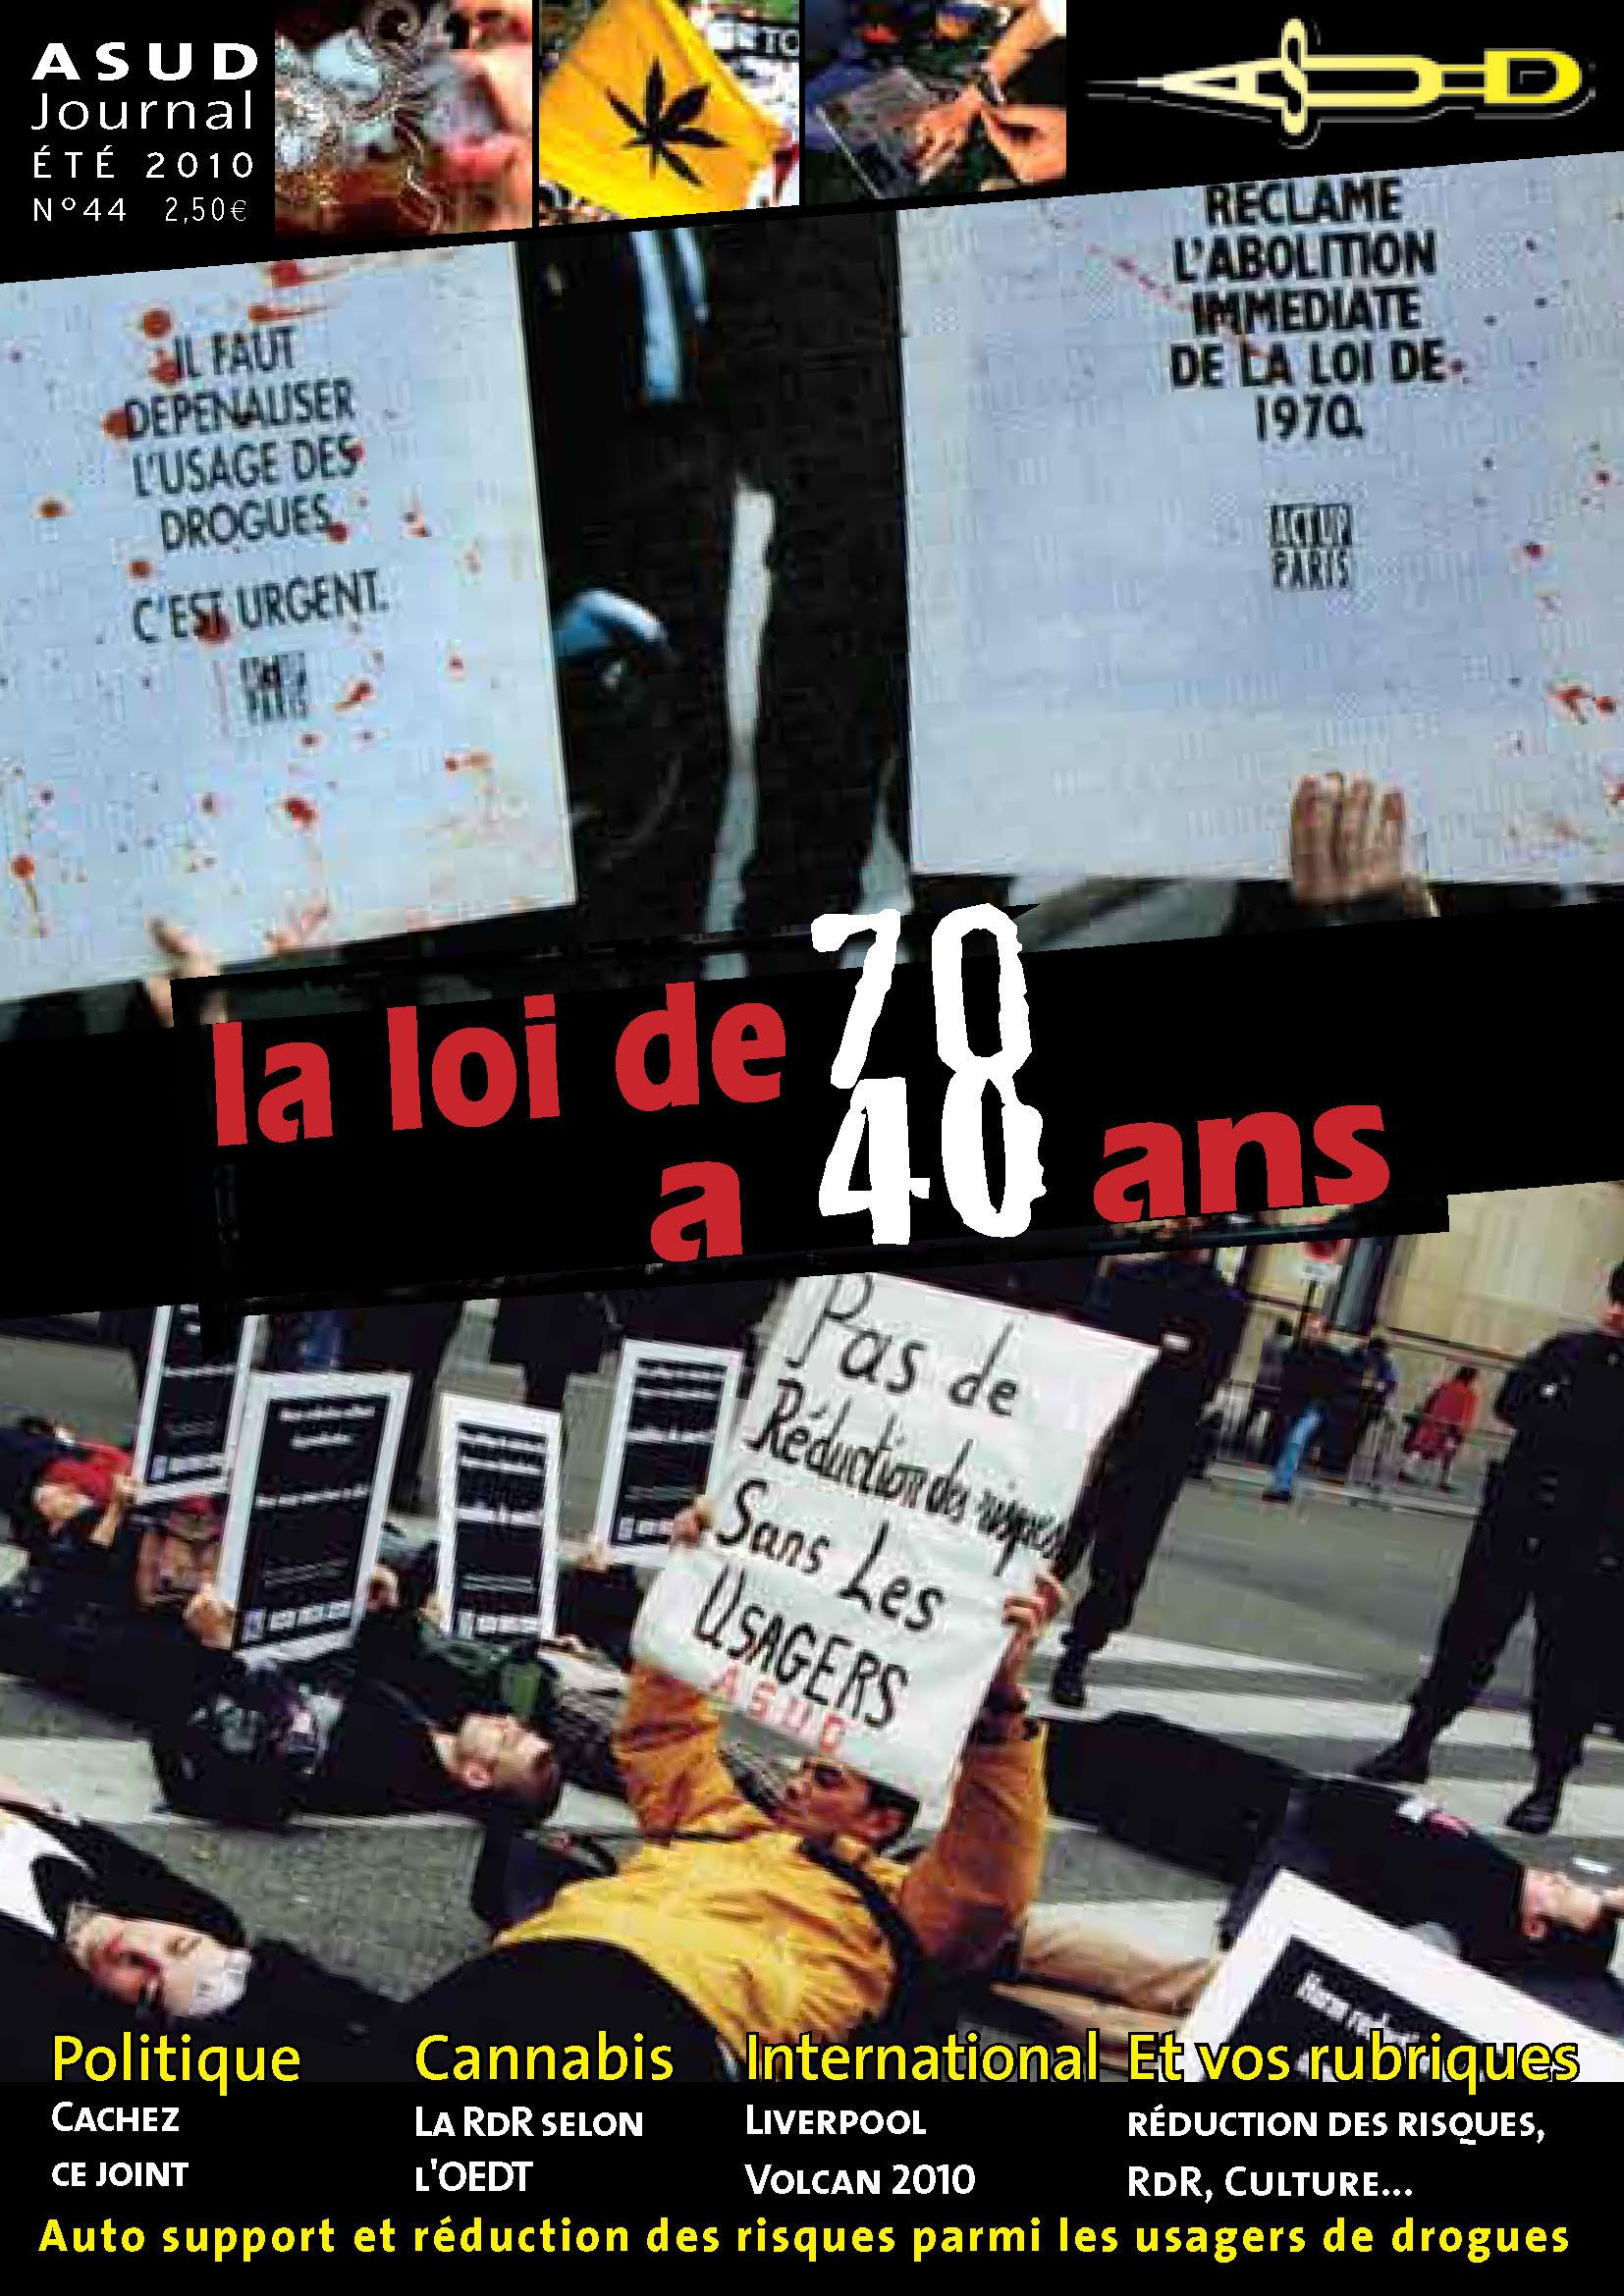 N°44 : La loi de70 a 40 ans